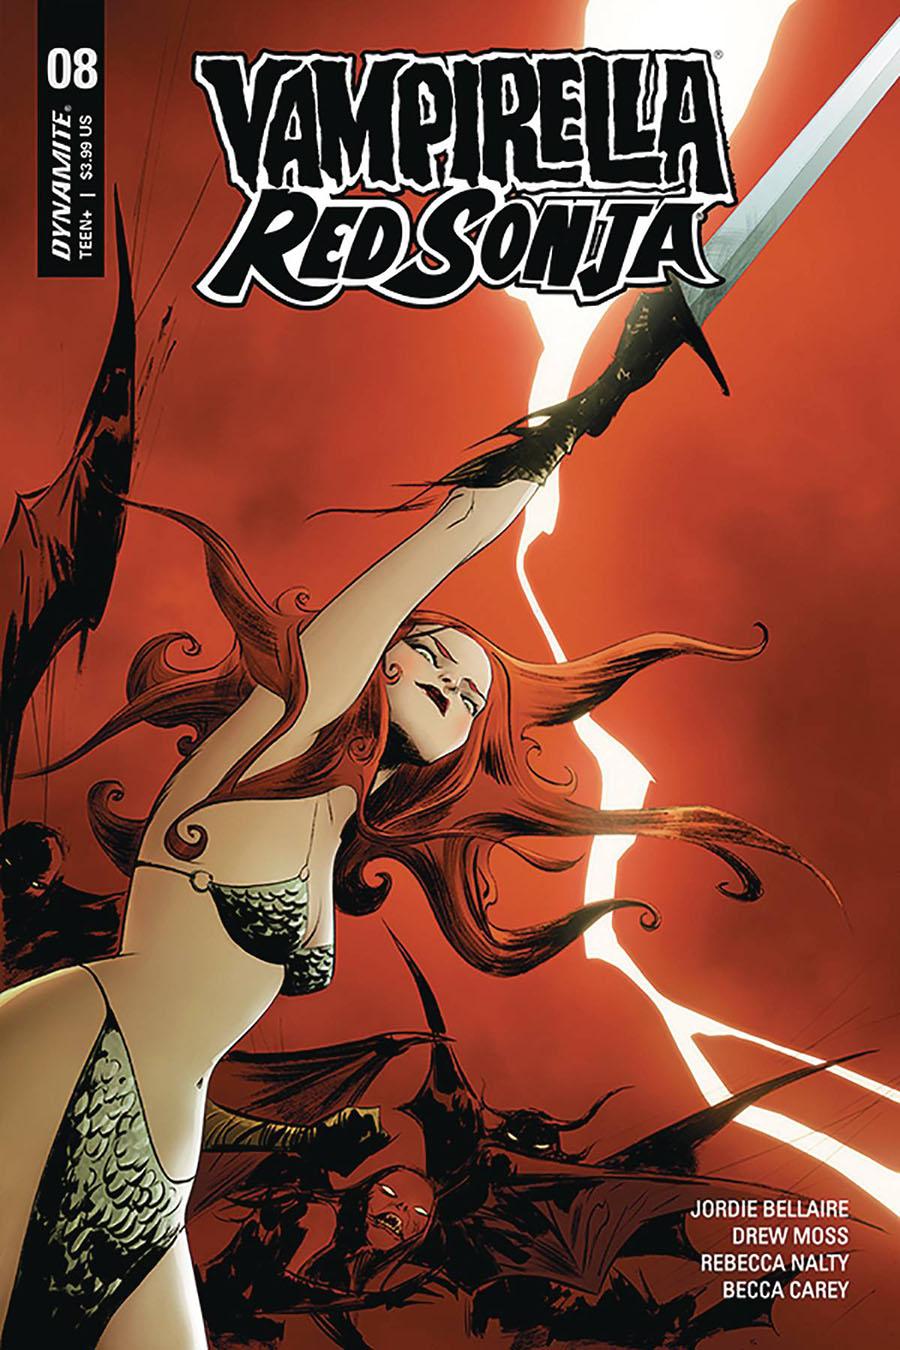 Vampirella Red Sonja #8 Cover A Regular Jae Lee Cover